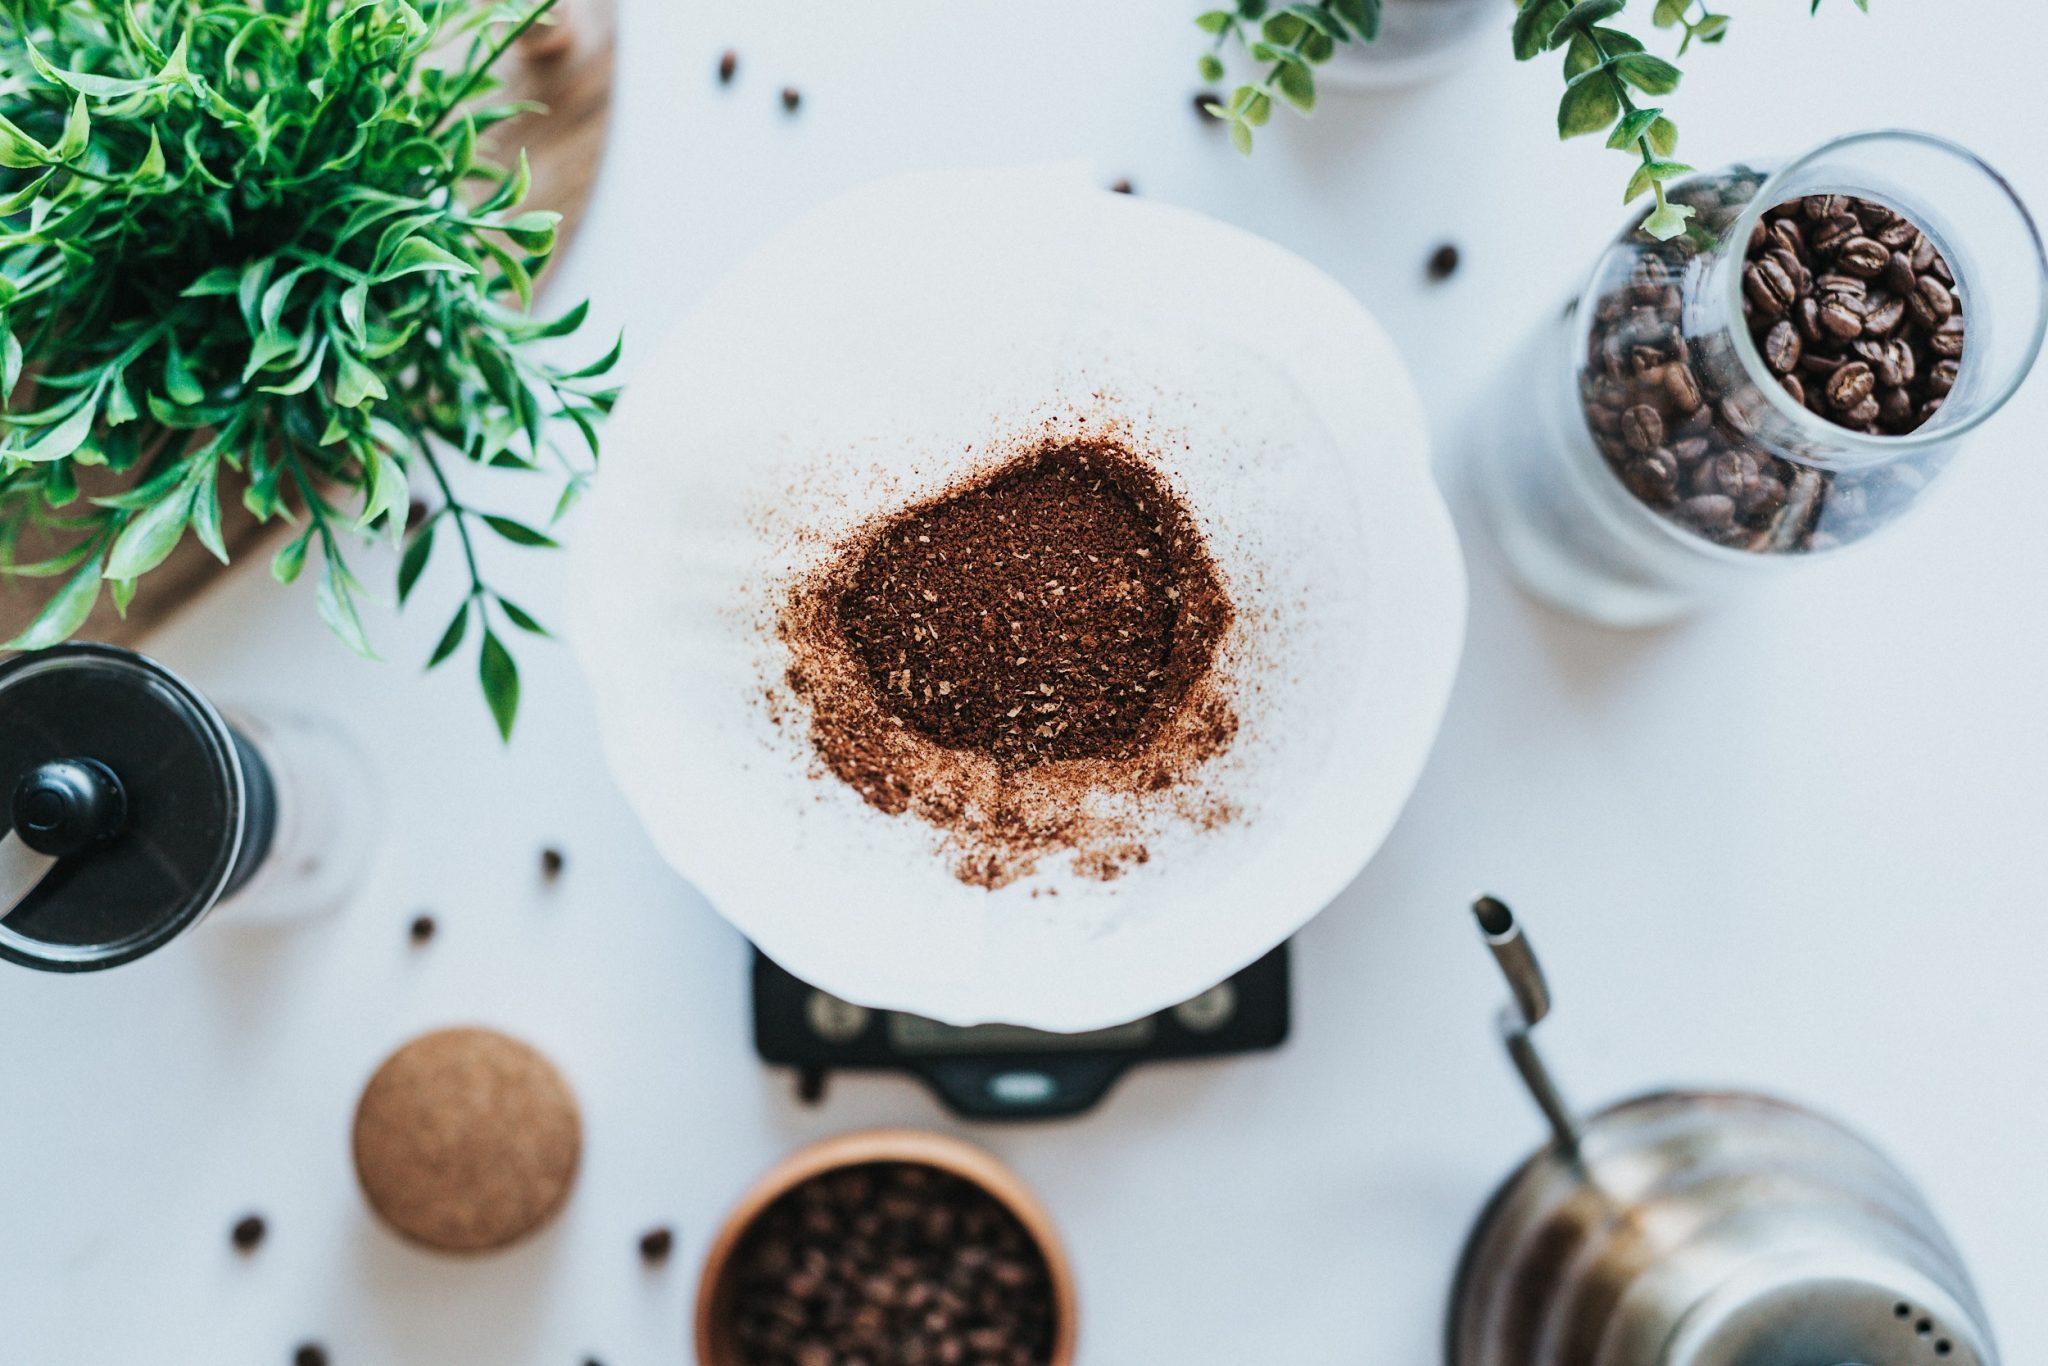 preparando un cafe en un chemex